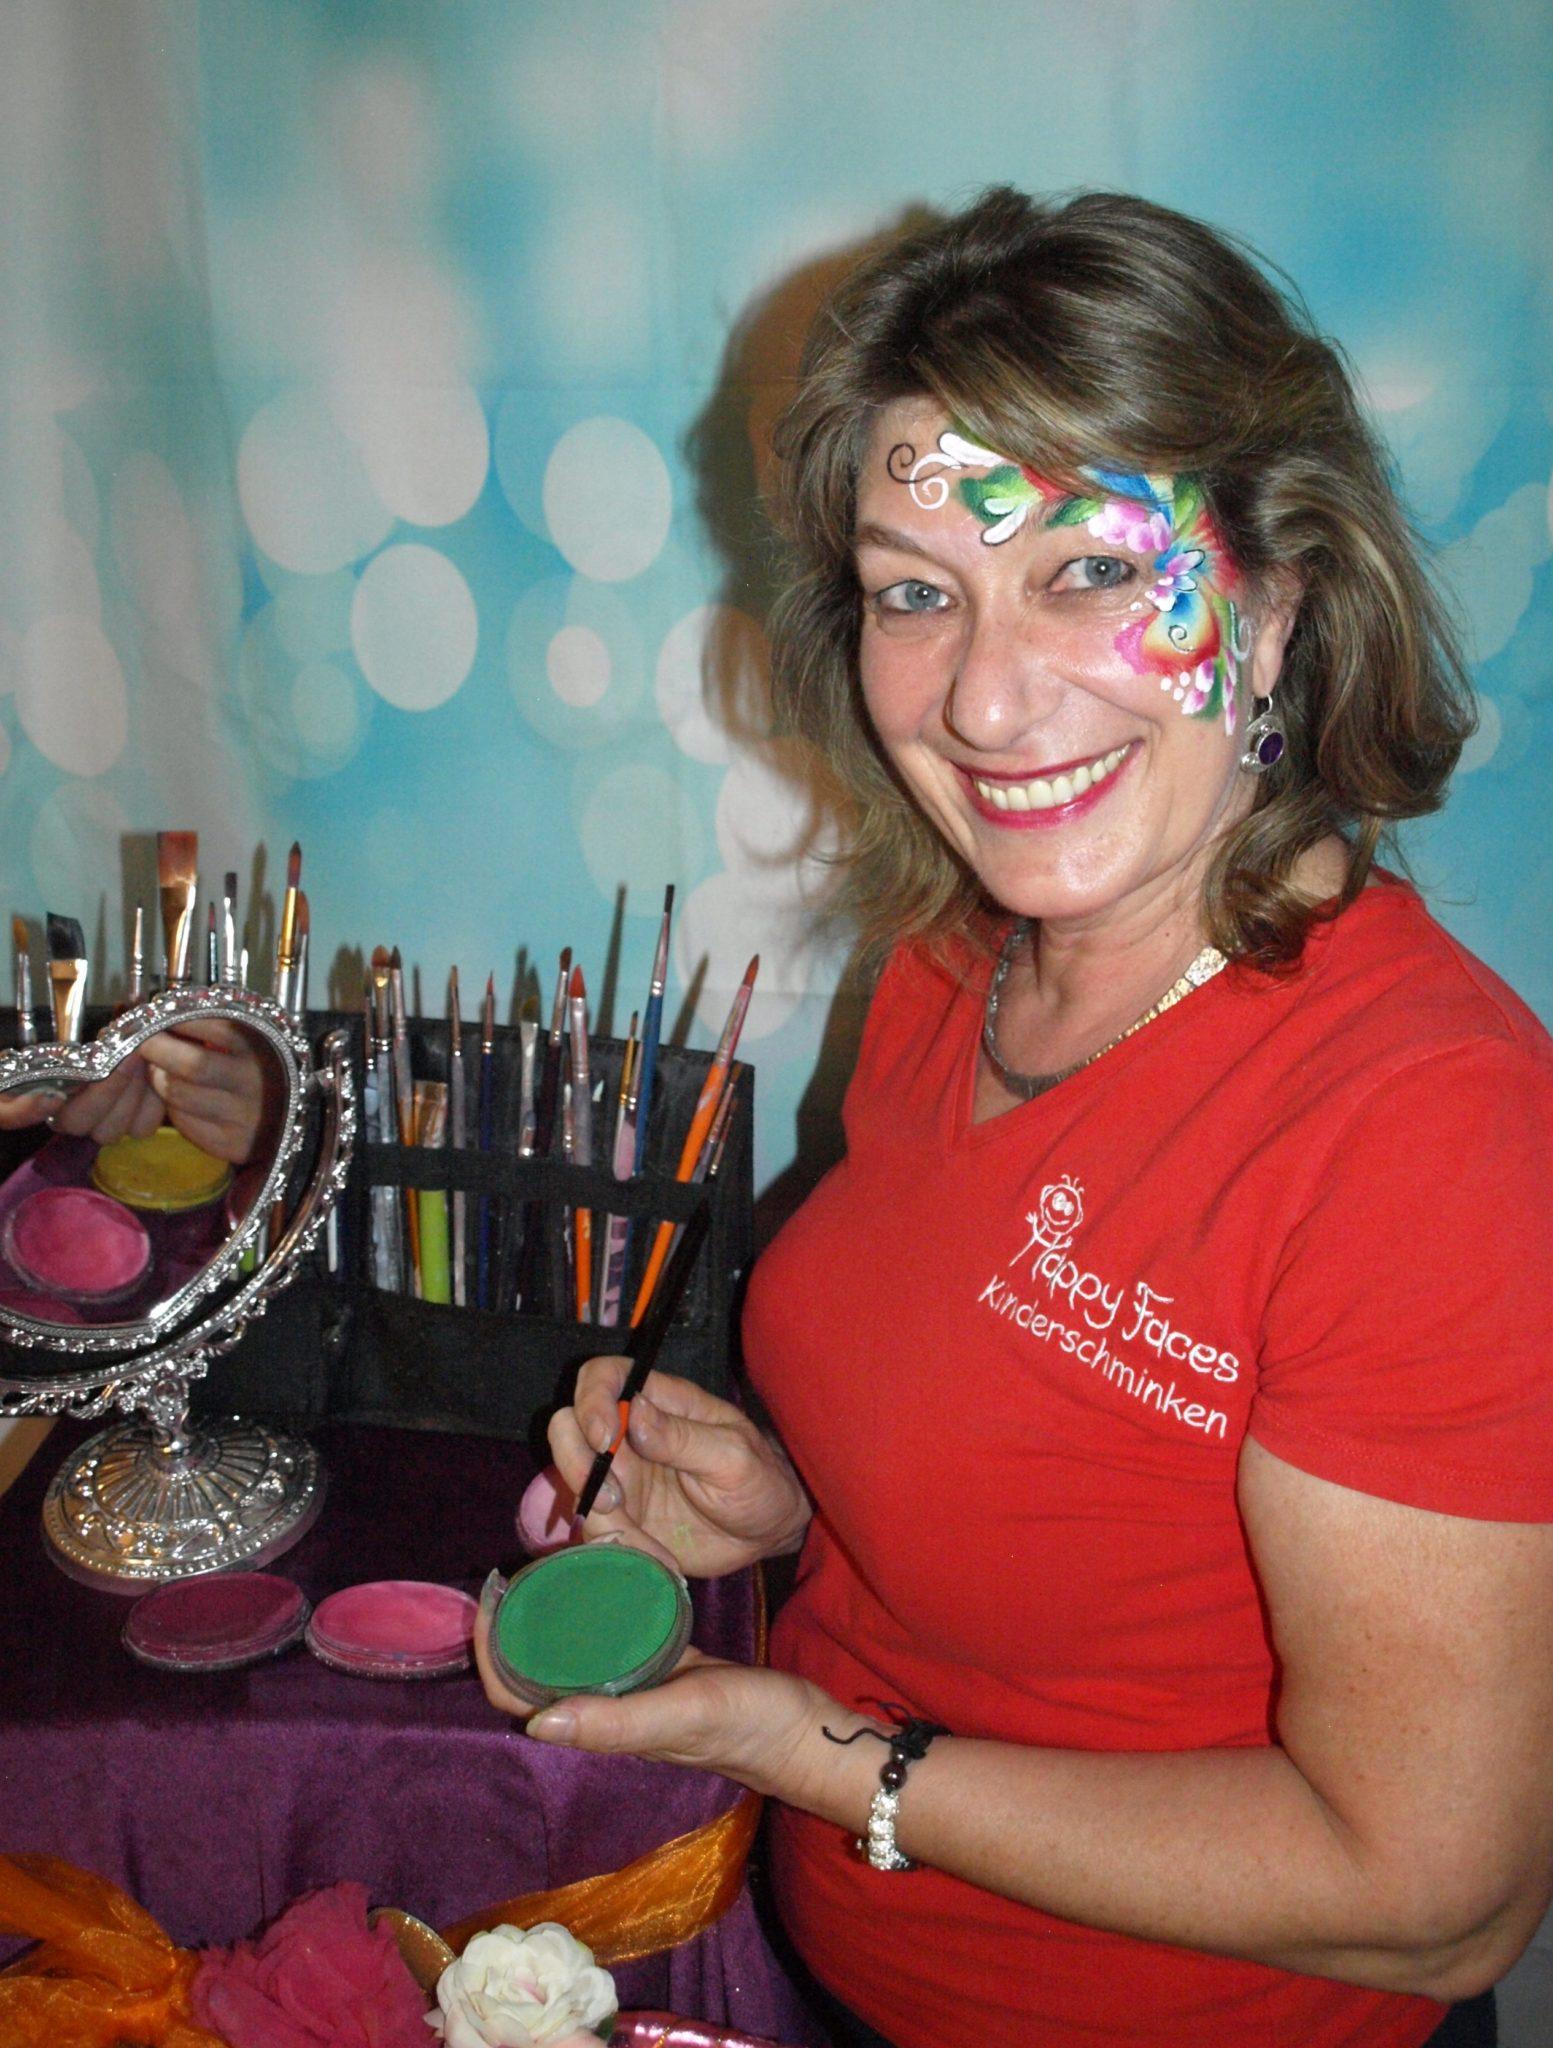 Jutta Ulbrich Kapfer ist Gründerin von Happy Faces und professionelle Schminkerin